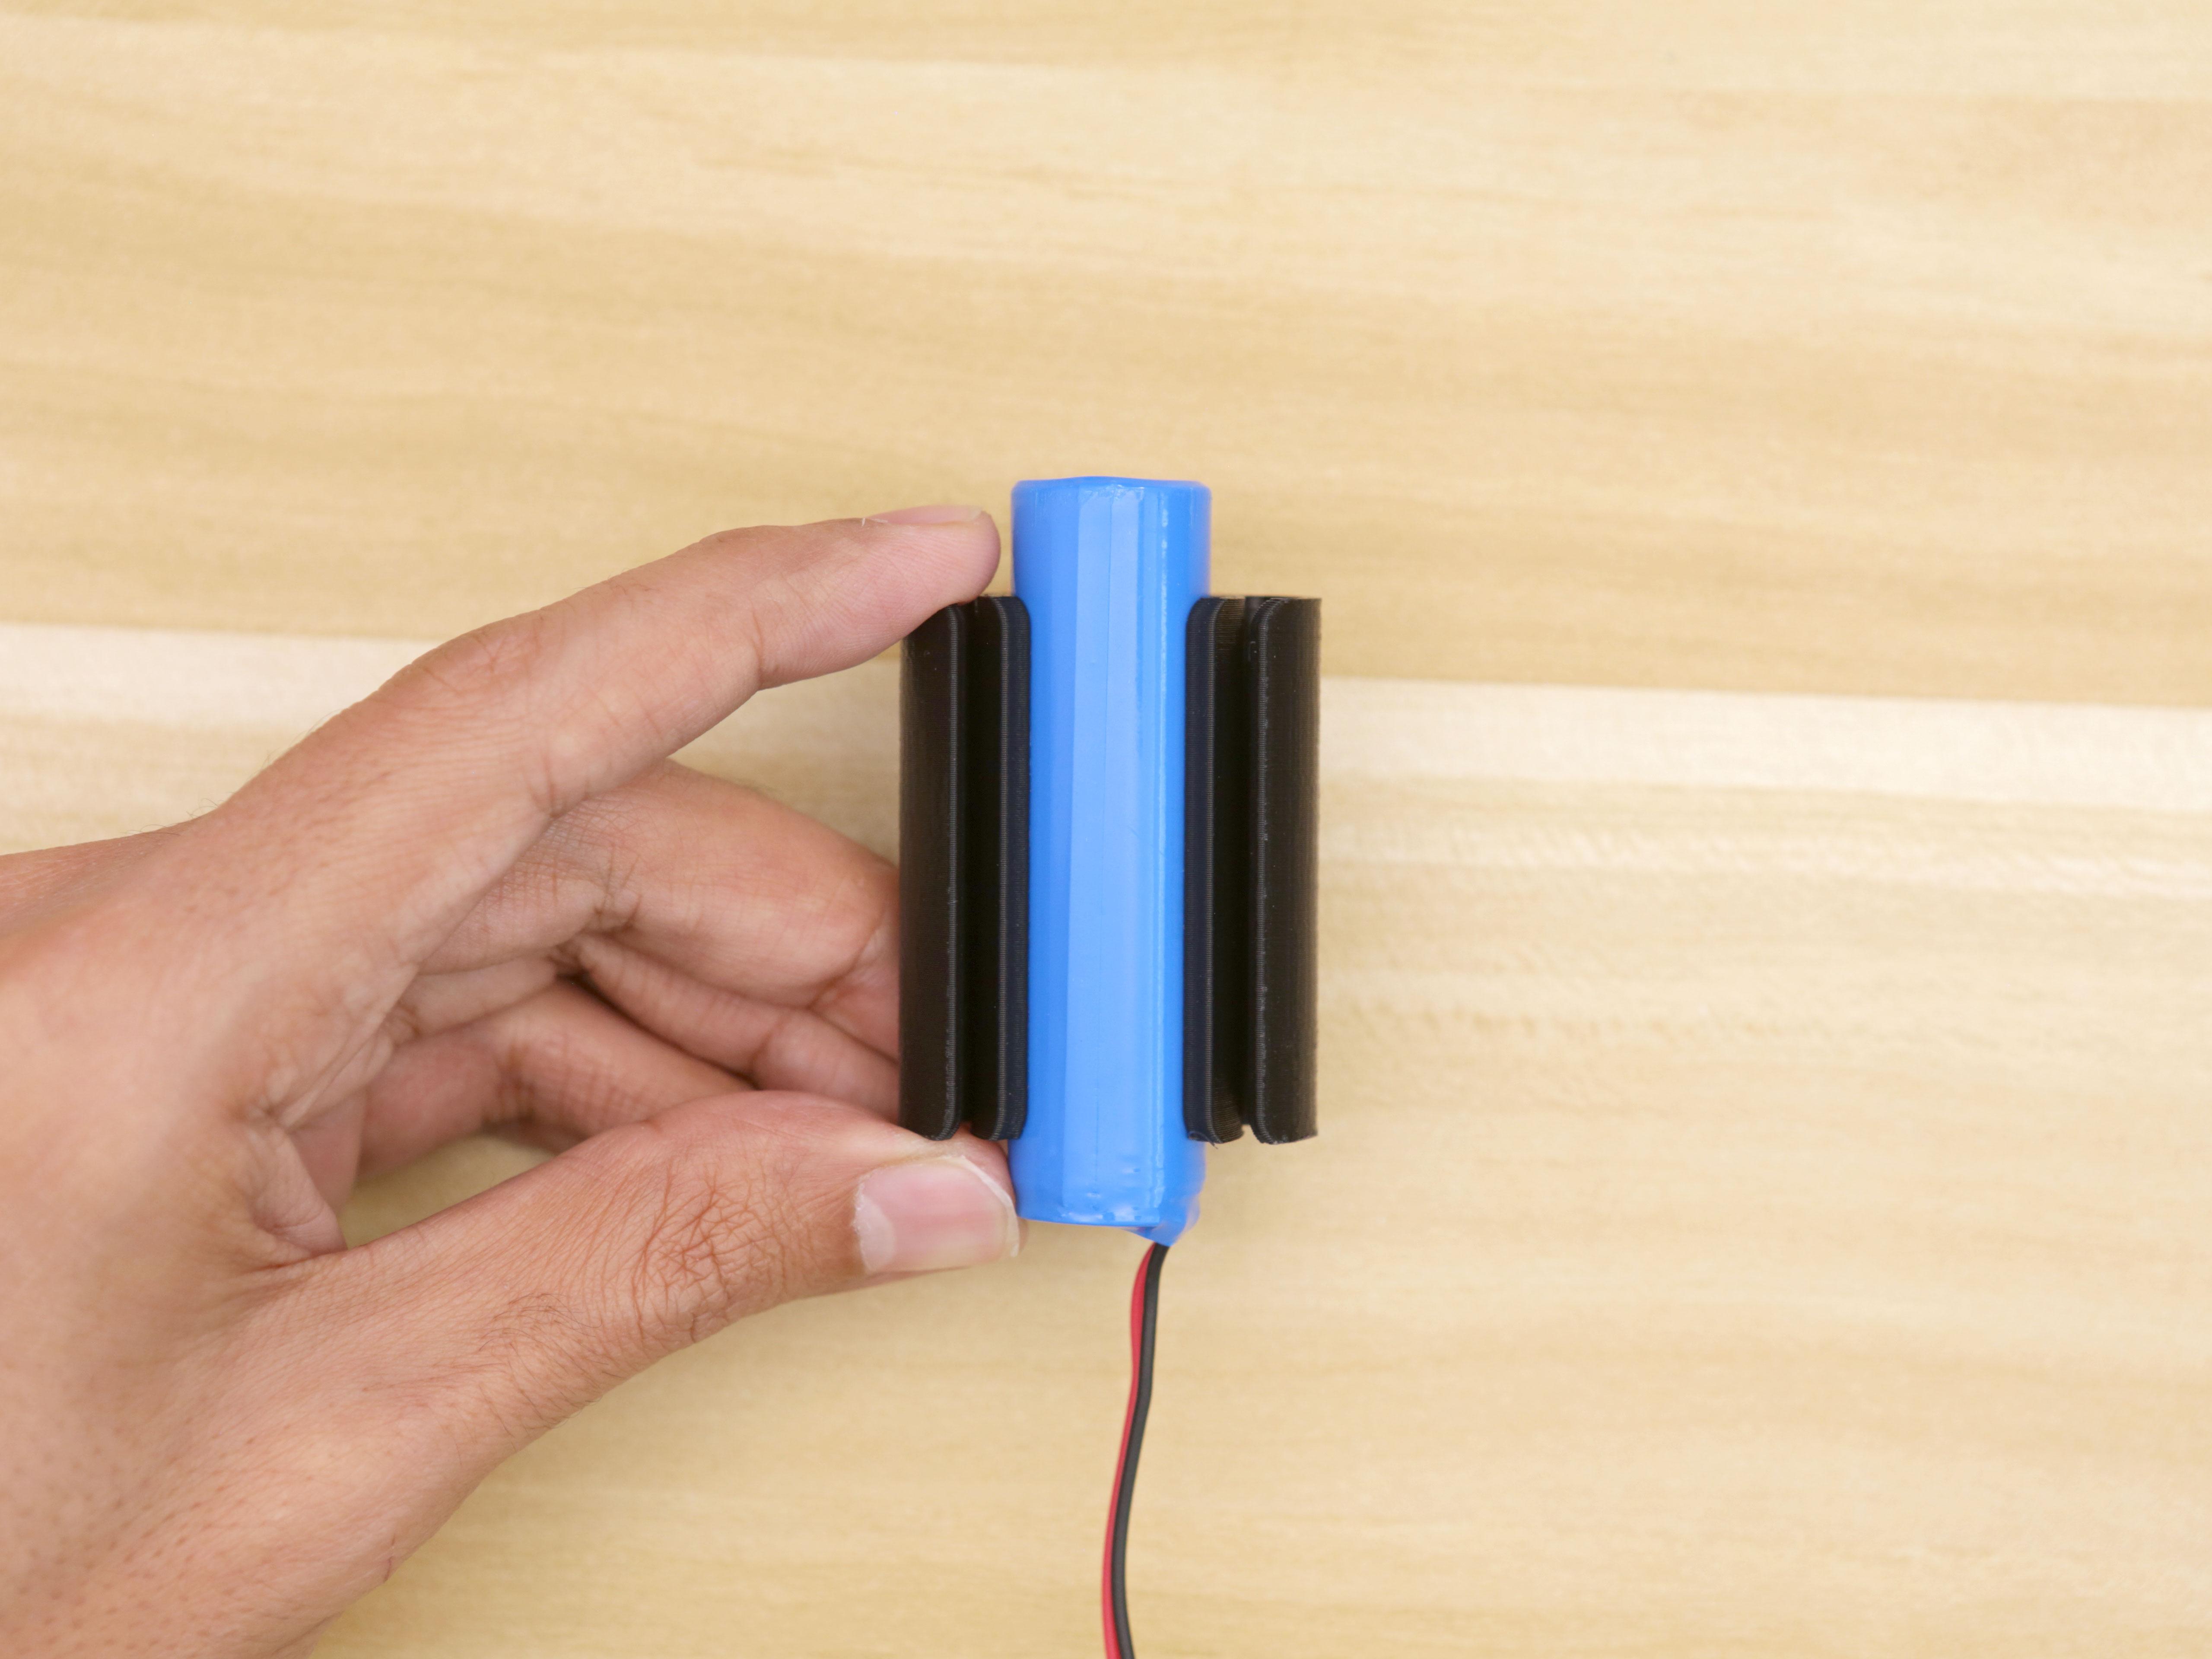 3d_printing_battery-holder-installed.jpg